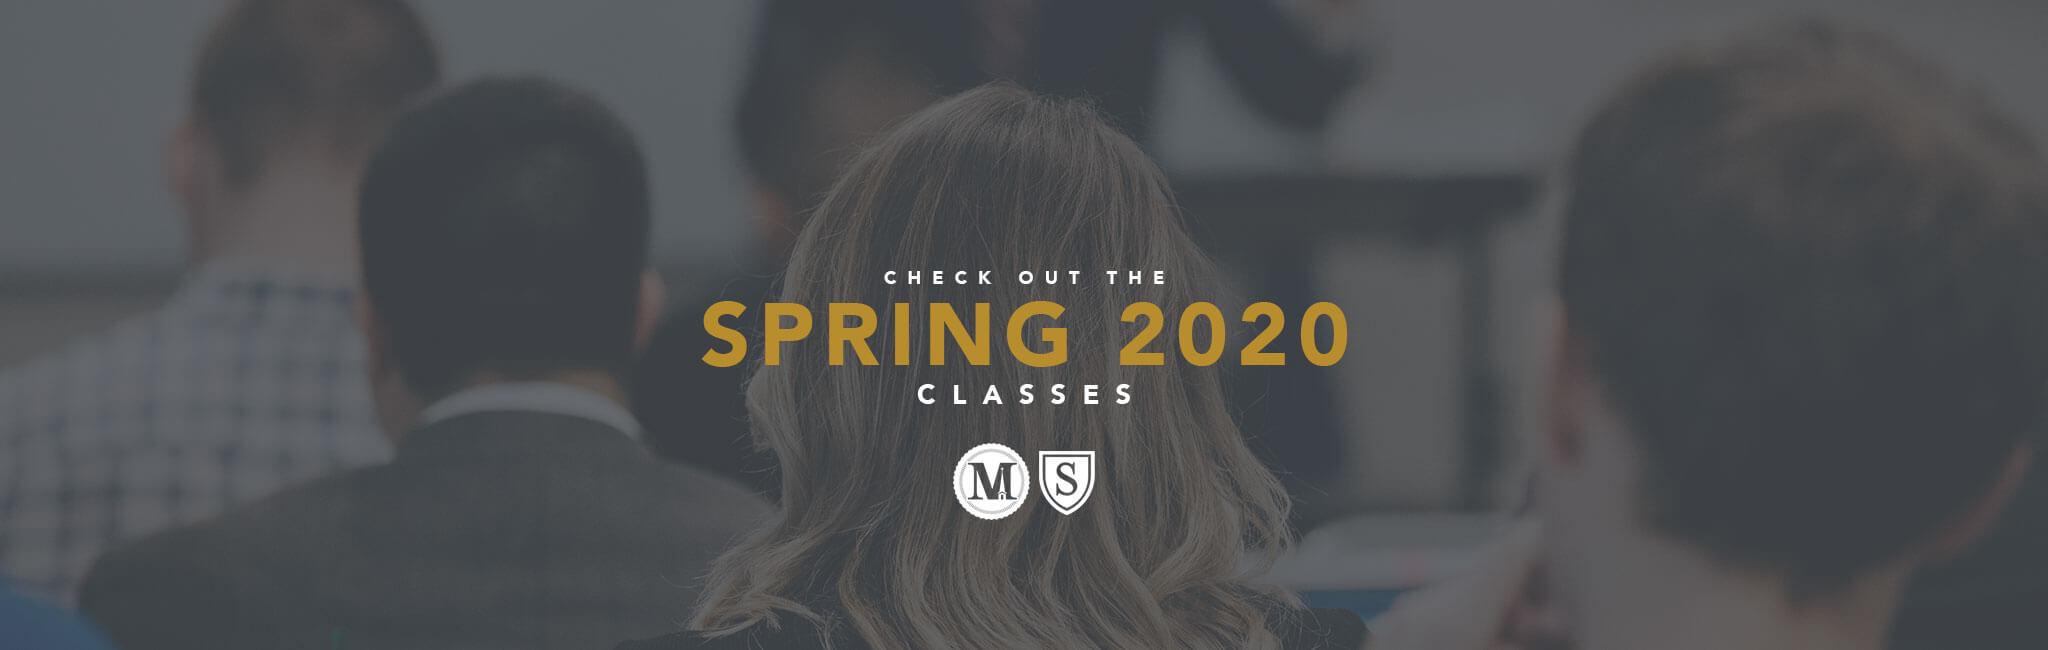 Spring 2020 Classes